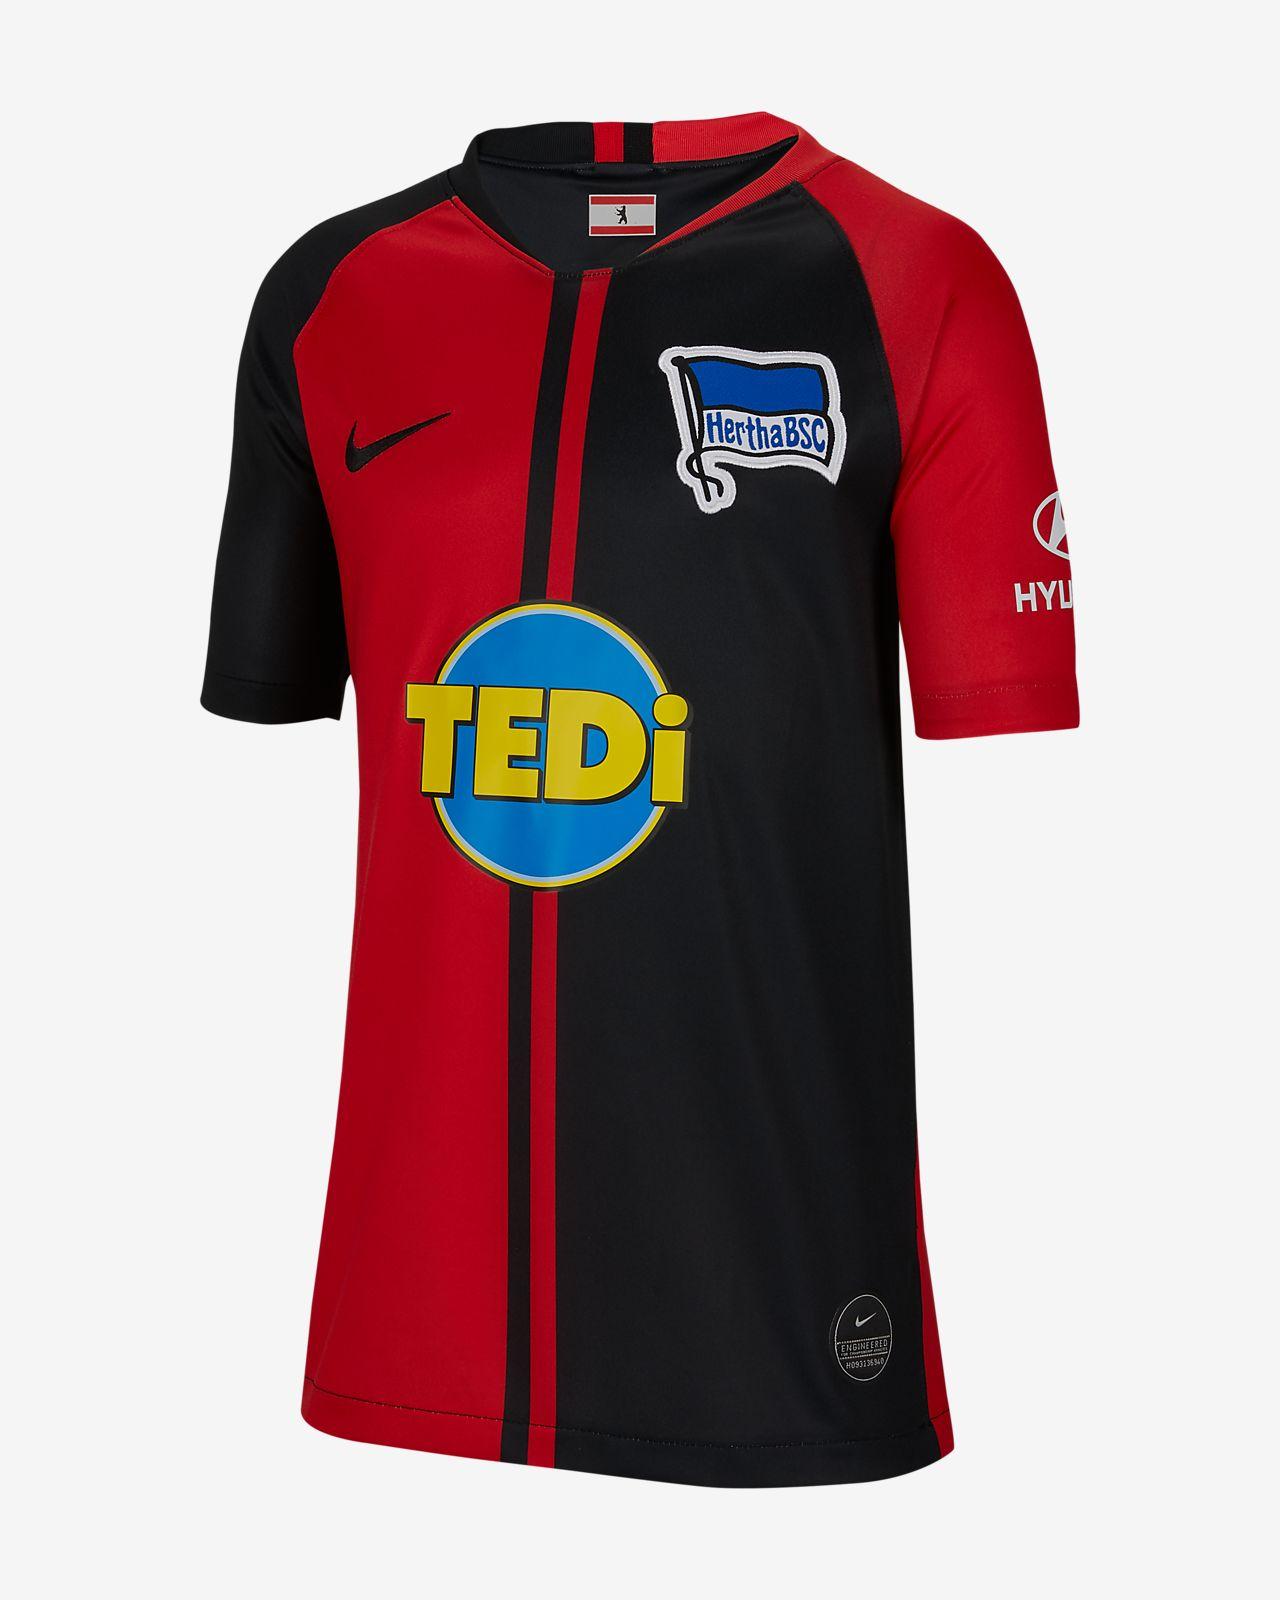 Hertha BSC 2019/20 Stadium Away Older Kids' Football Shirt